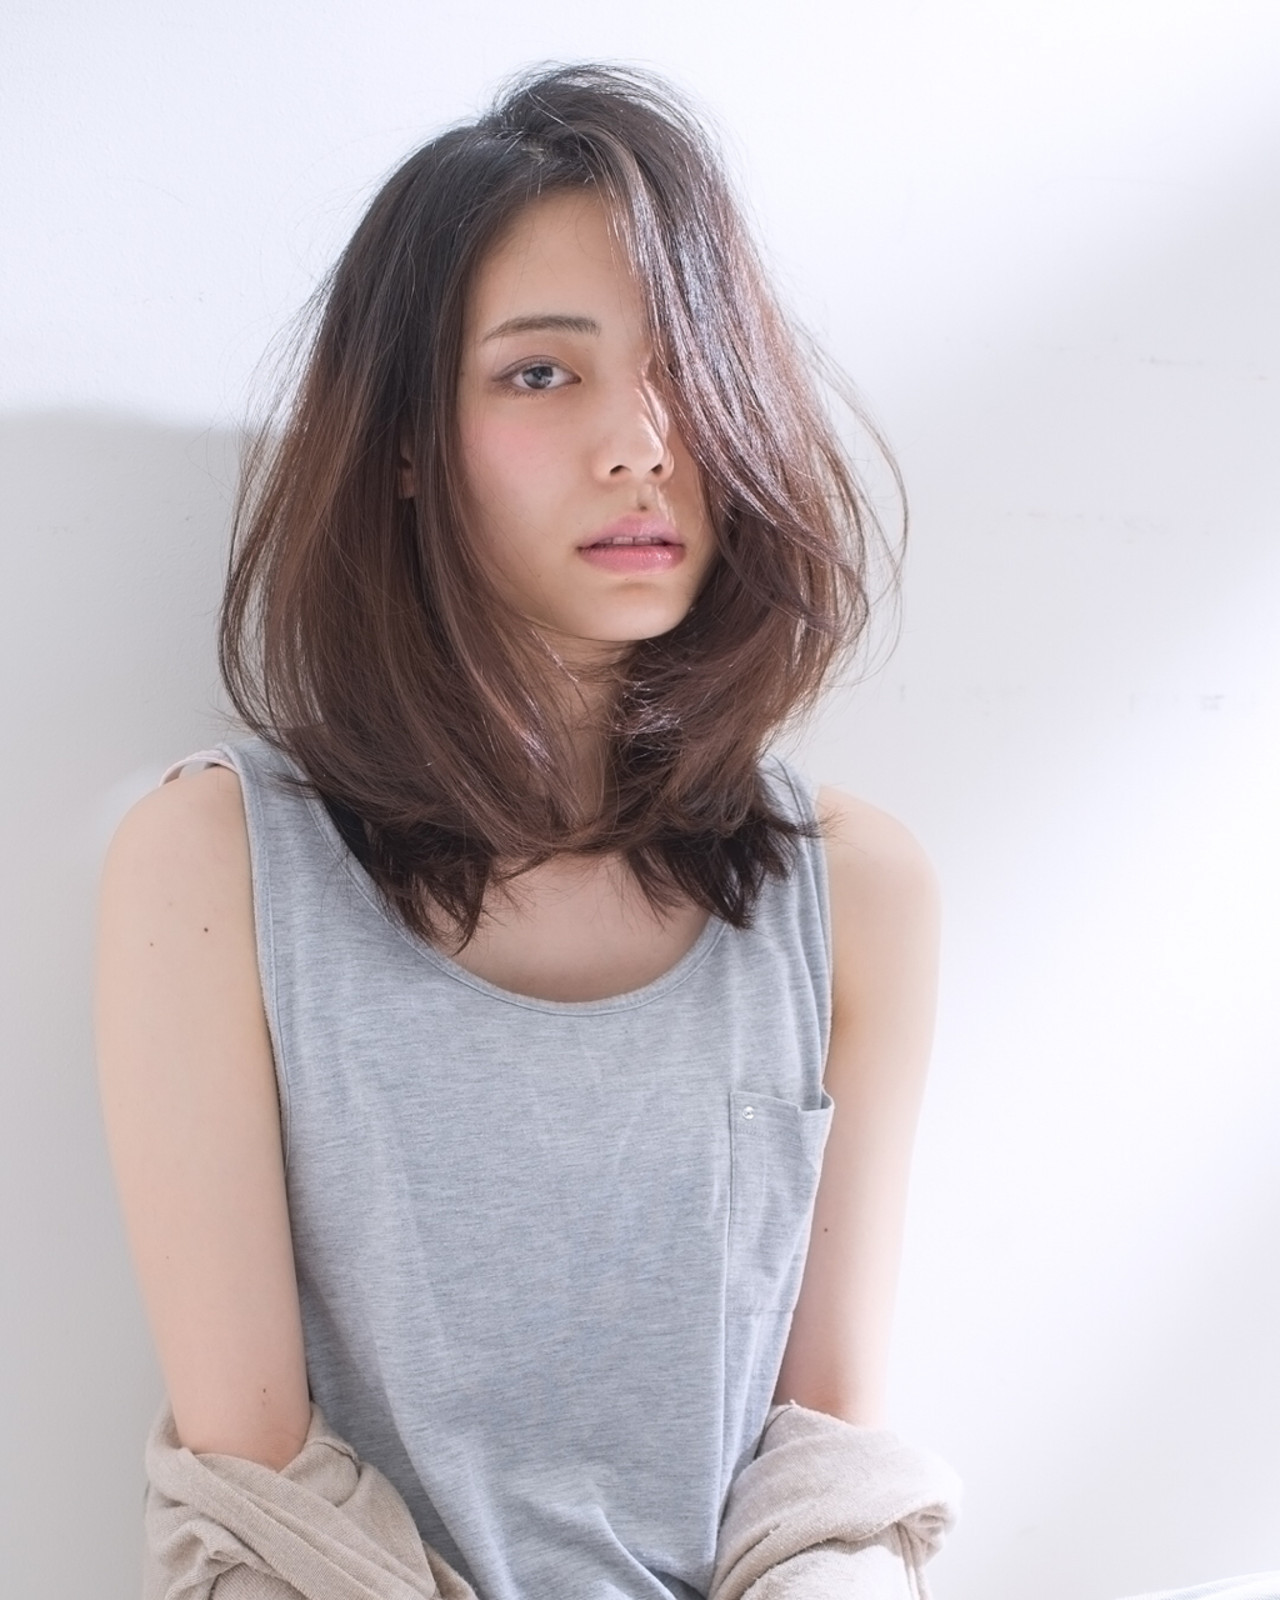 ナチュラル セミロング ストレート 斜め前髪 ヘアスタイルや髪型の写真・画像